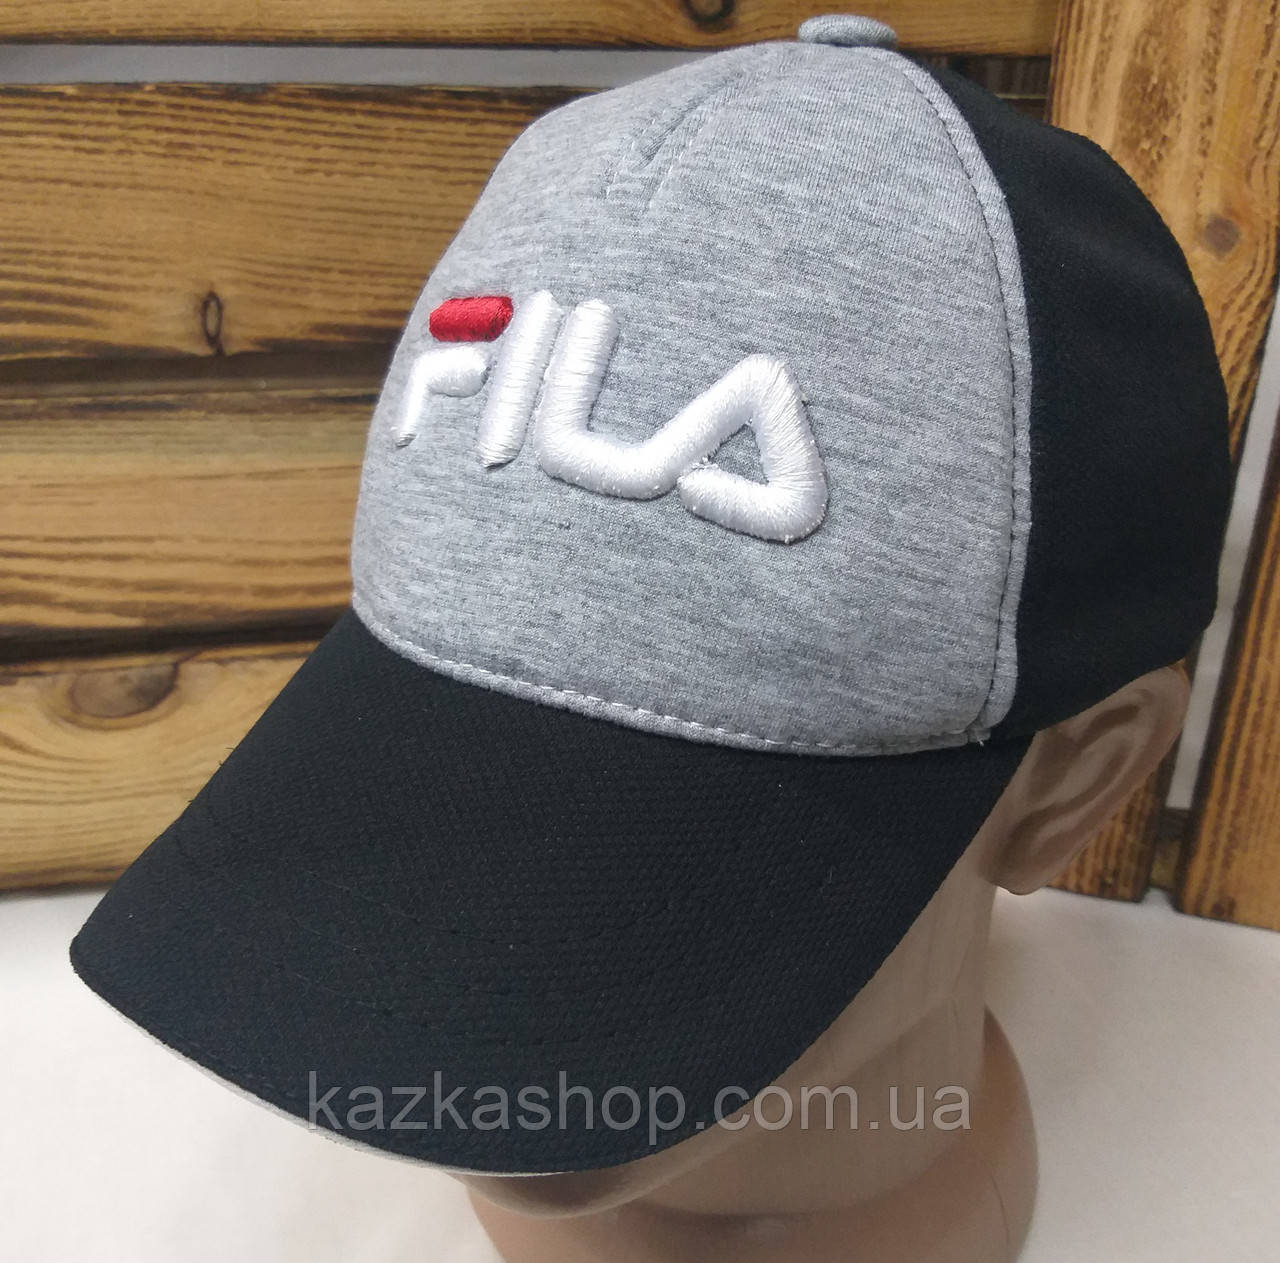 """Мужская кепка в стиле """"Fila"""" (копия), светло-серая, трикотаж, сезон весна-лето, большая вышивка, регулятор"""